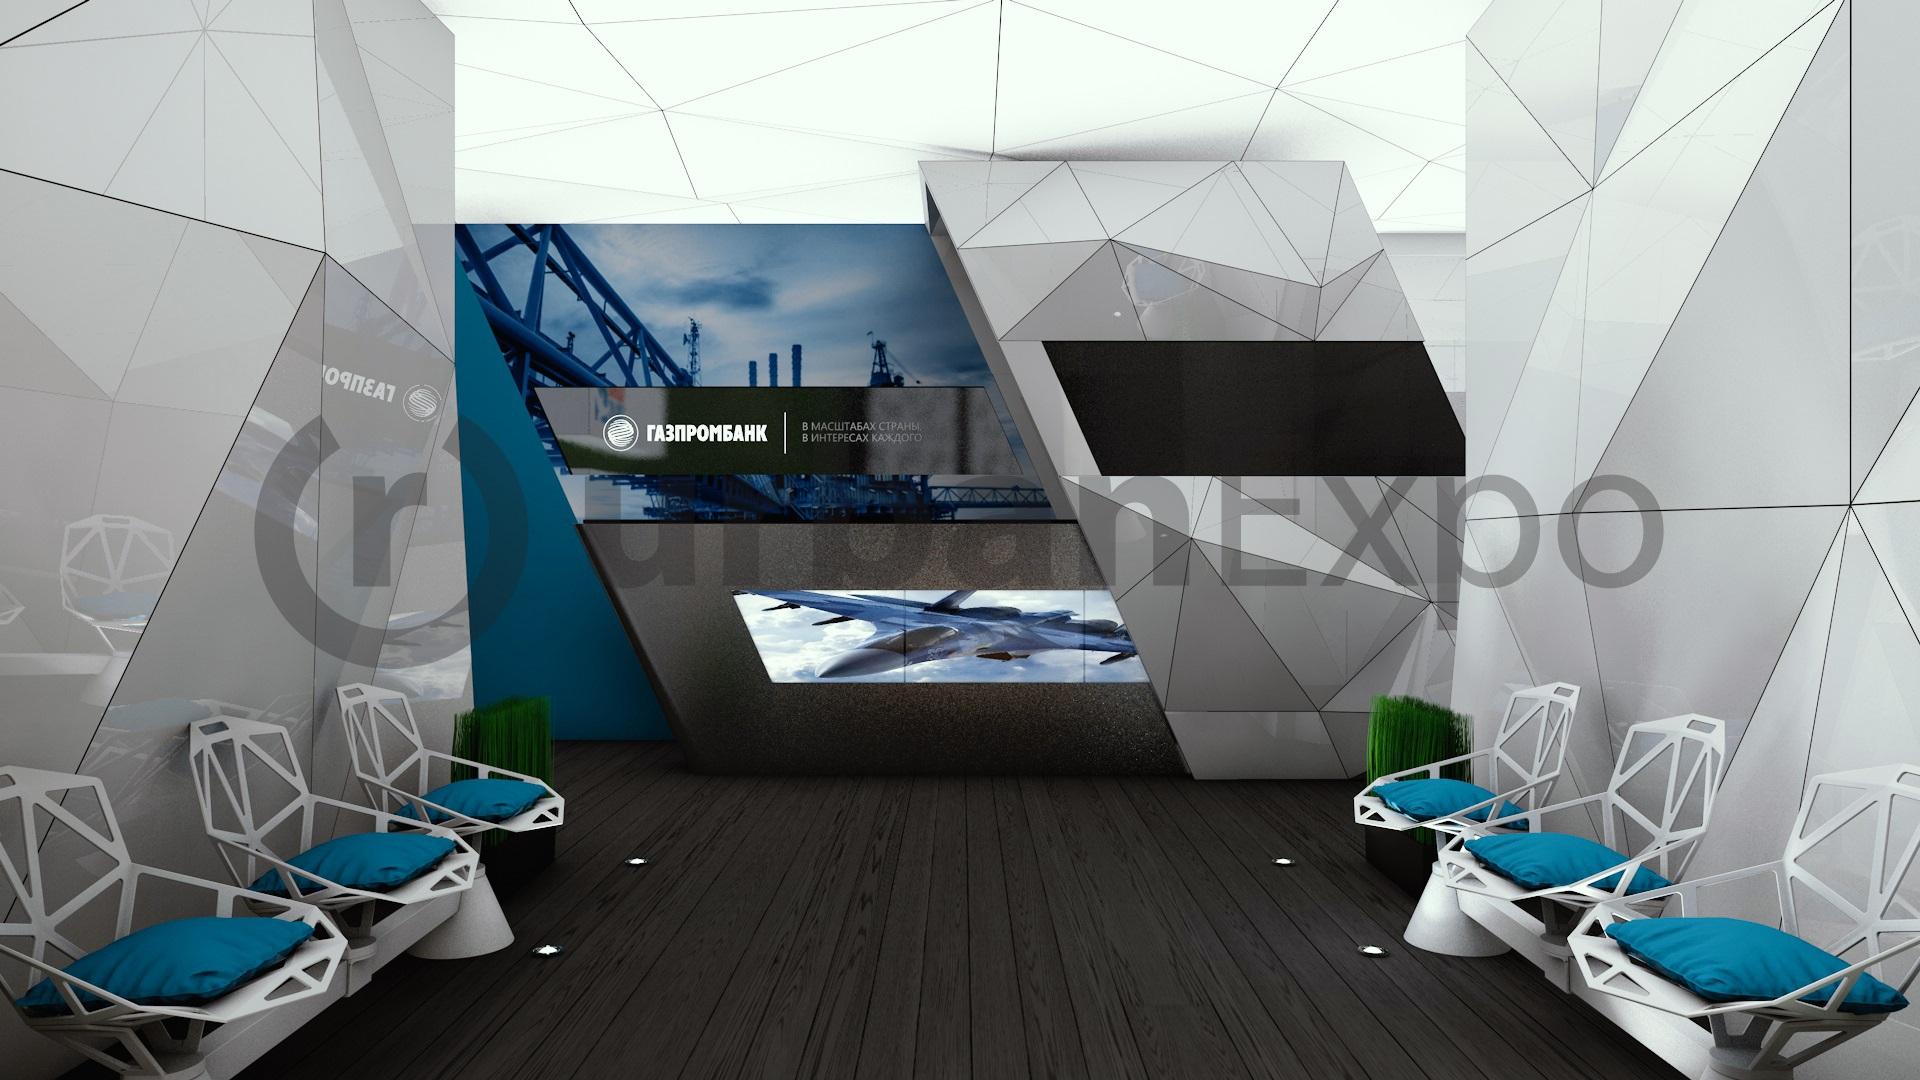 МАКС 2015. Оформление и отделка выставочного шале для АО Газпромбанк